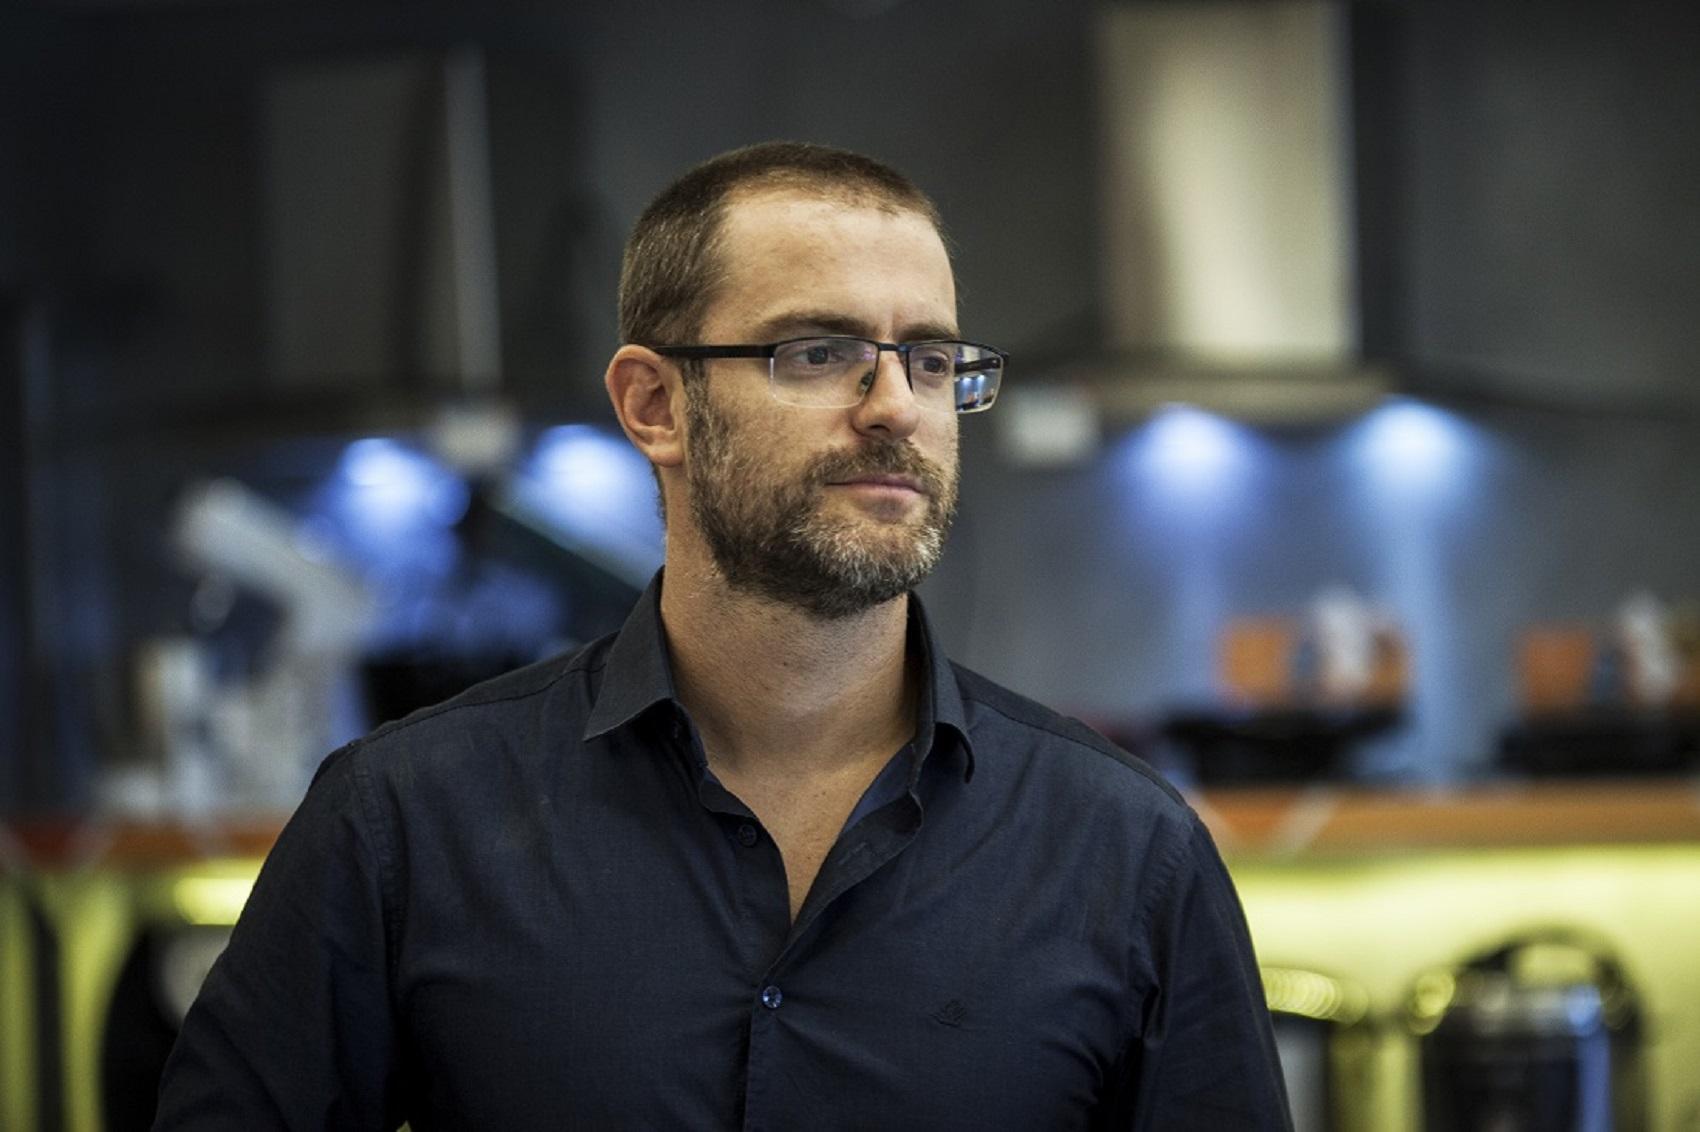 Alexandre ostrowiecki, filho do fundador da multilaser, é o atual condutor da companhia